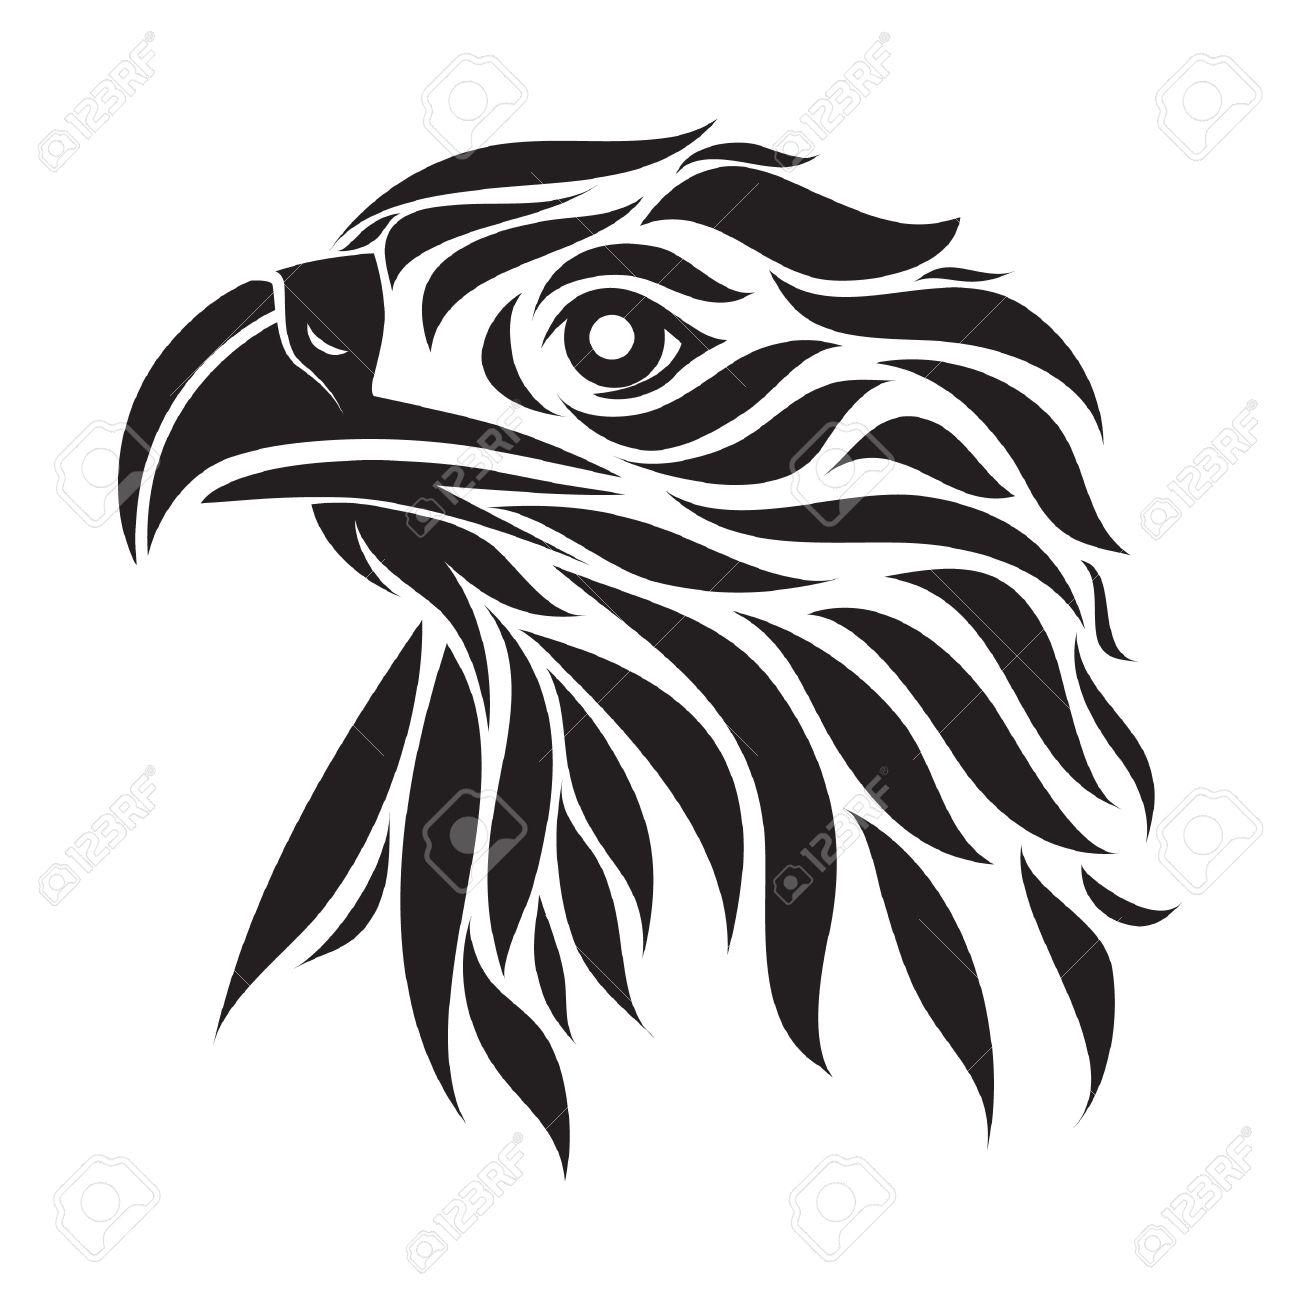 Tatuaje Aguila tatuaje del águila ilustraciones vectoriales, clip art vectorizado